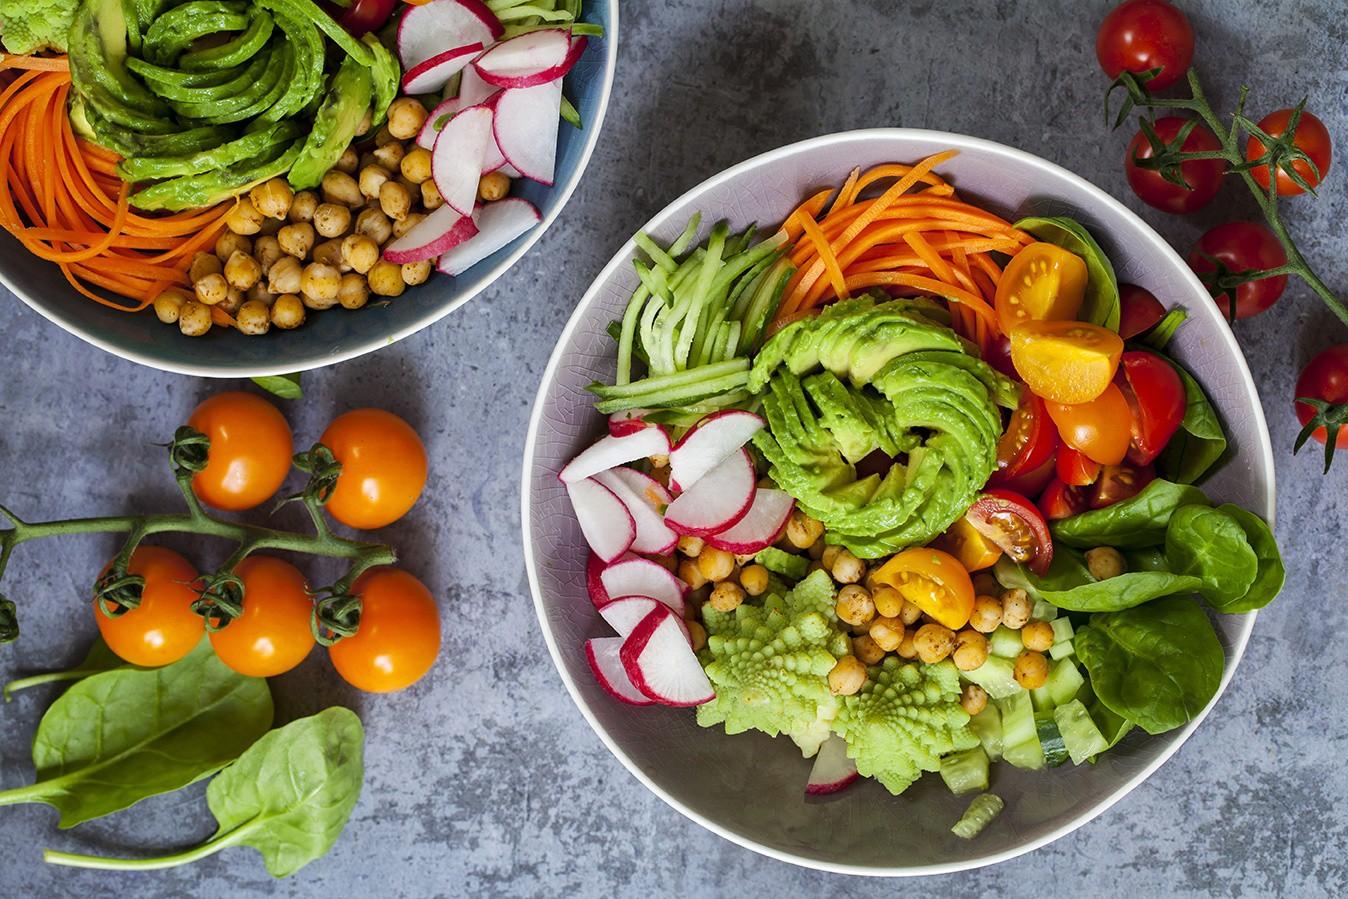 Những kiểu ăn kiêng sai lầm mà rất nhiều người mắc khi giảm cân, đặc biệt là cái số 3 - Ảnh 5.